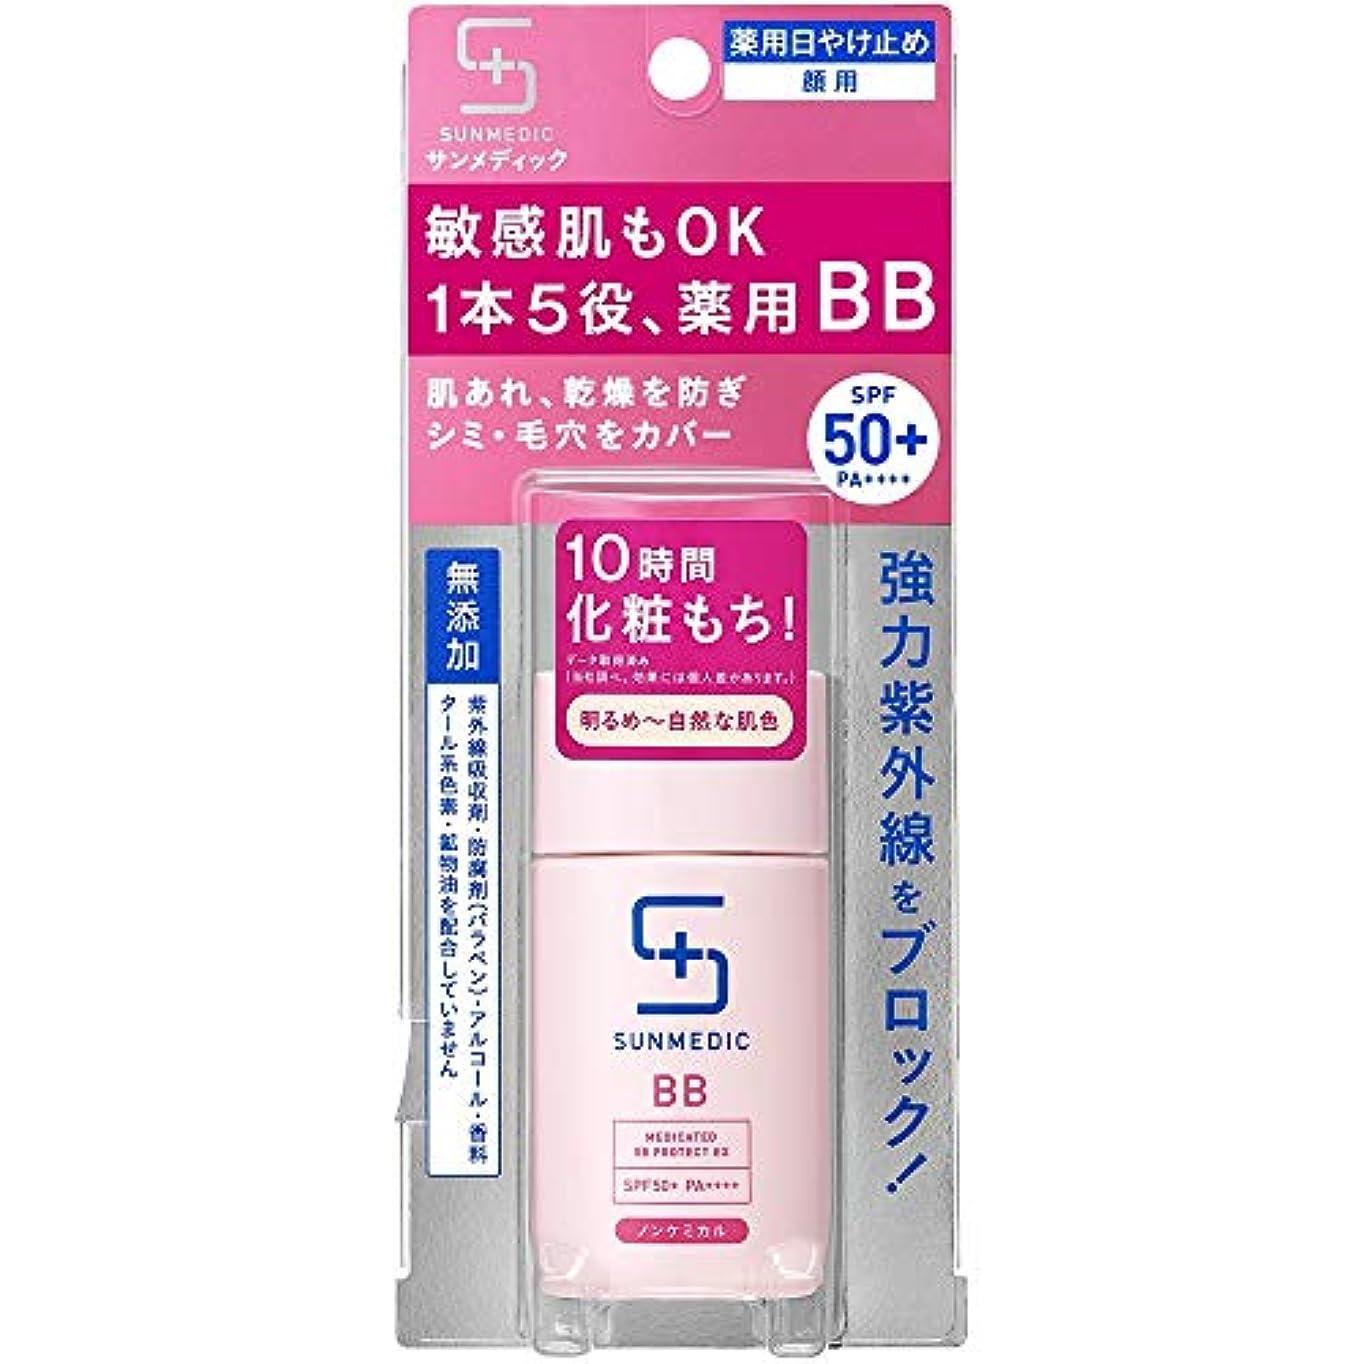 スピーカーゴール眉サンメディックUV 薬用BBプロテクトEX ライト 30ml (医薬部外品)